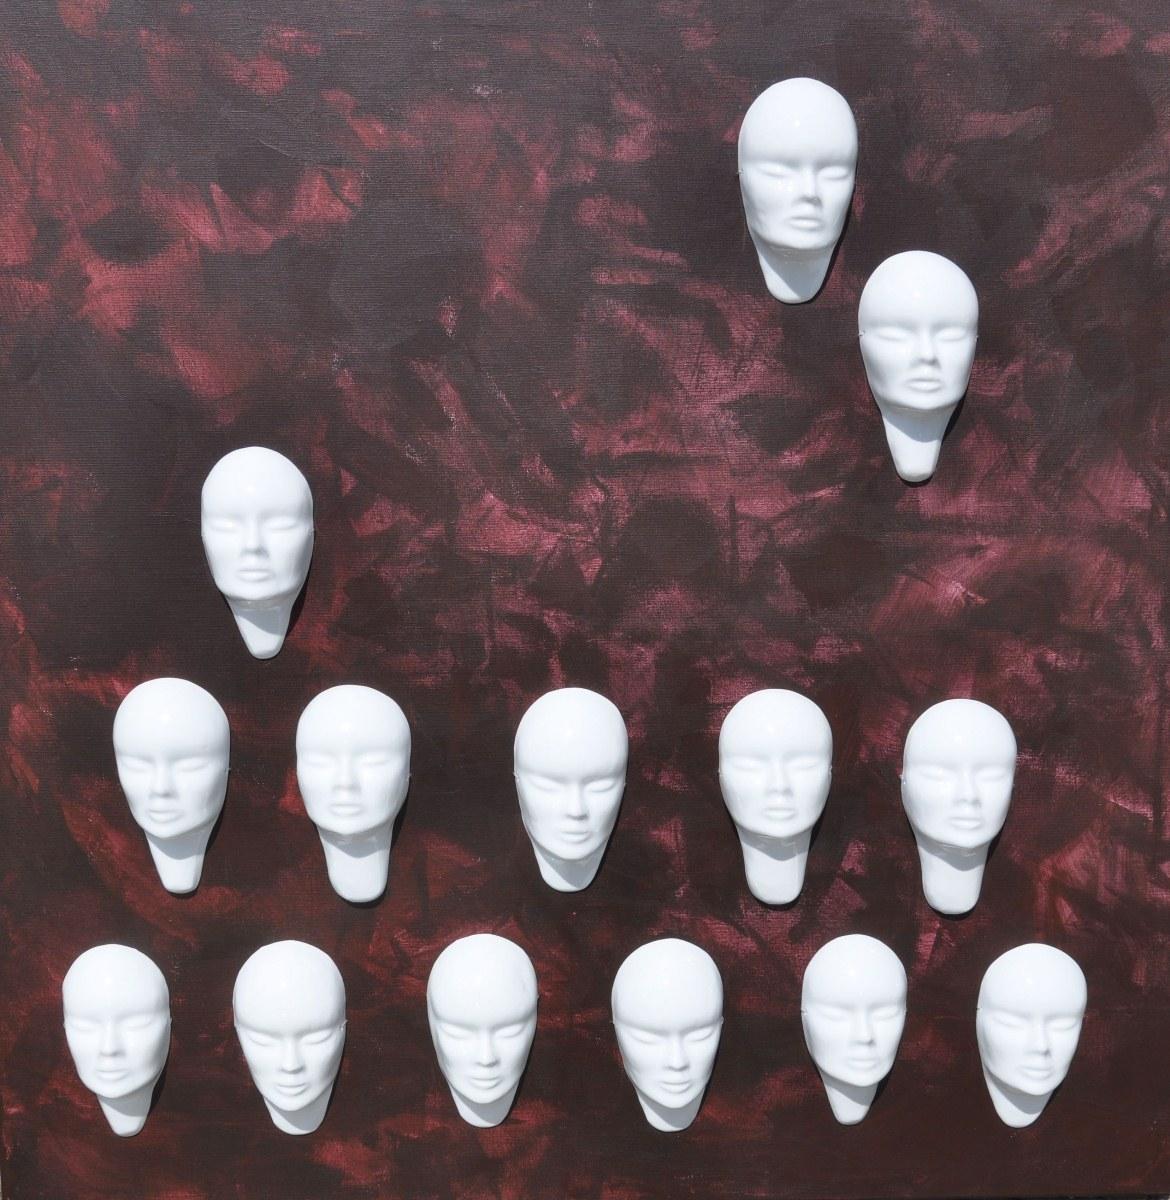 """Marek Kotarba, """"Zwielokrotnienie III"""", 2011, akryl, płótno, porcelana, 120 x 120 cm (źródło: materiały prasowe)"""